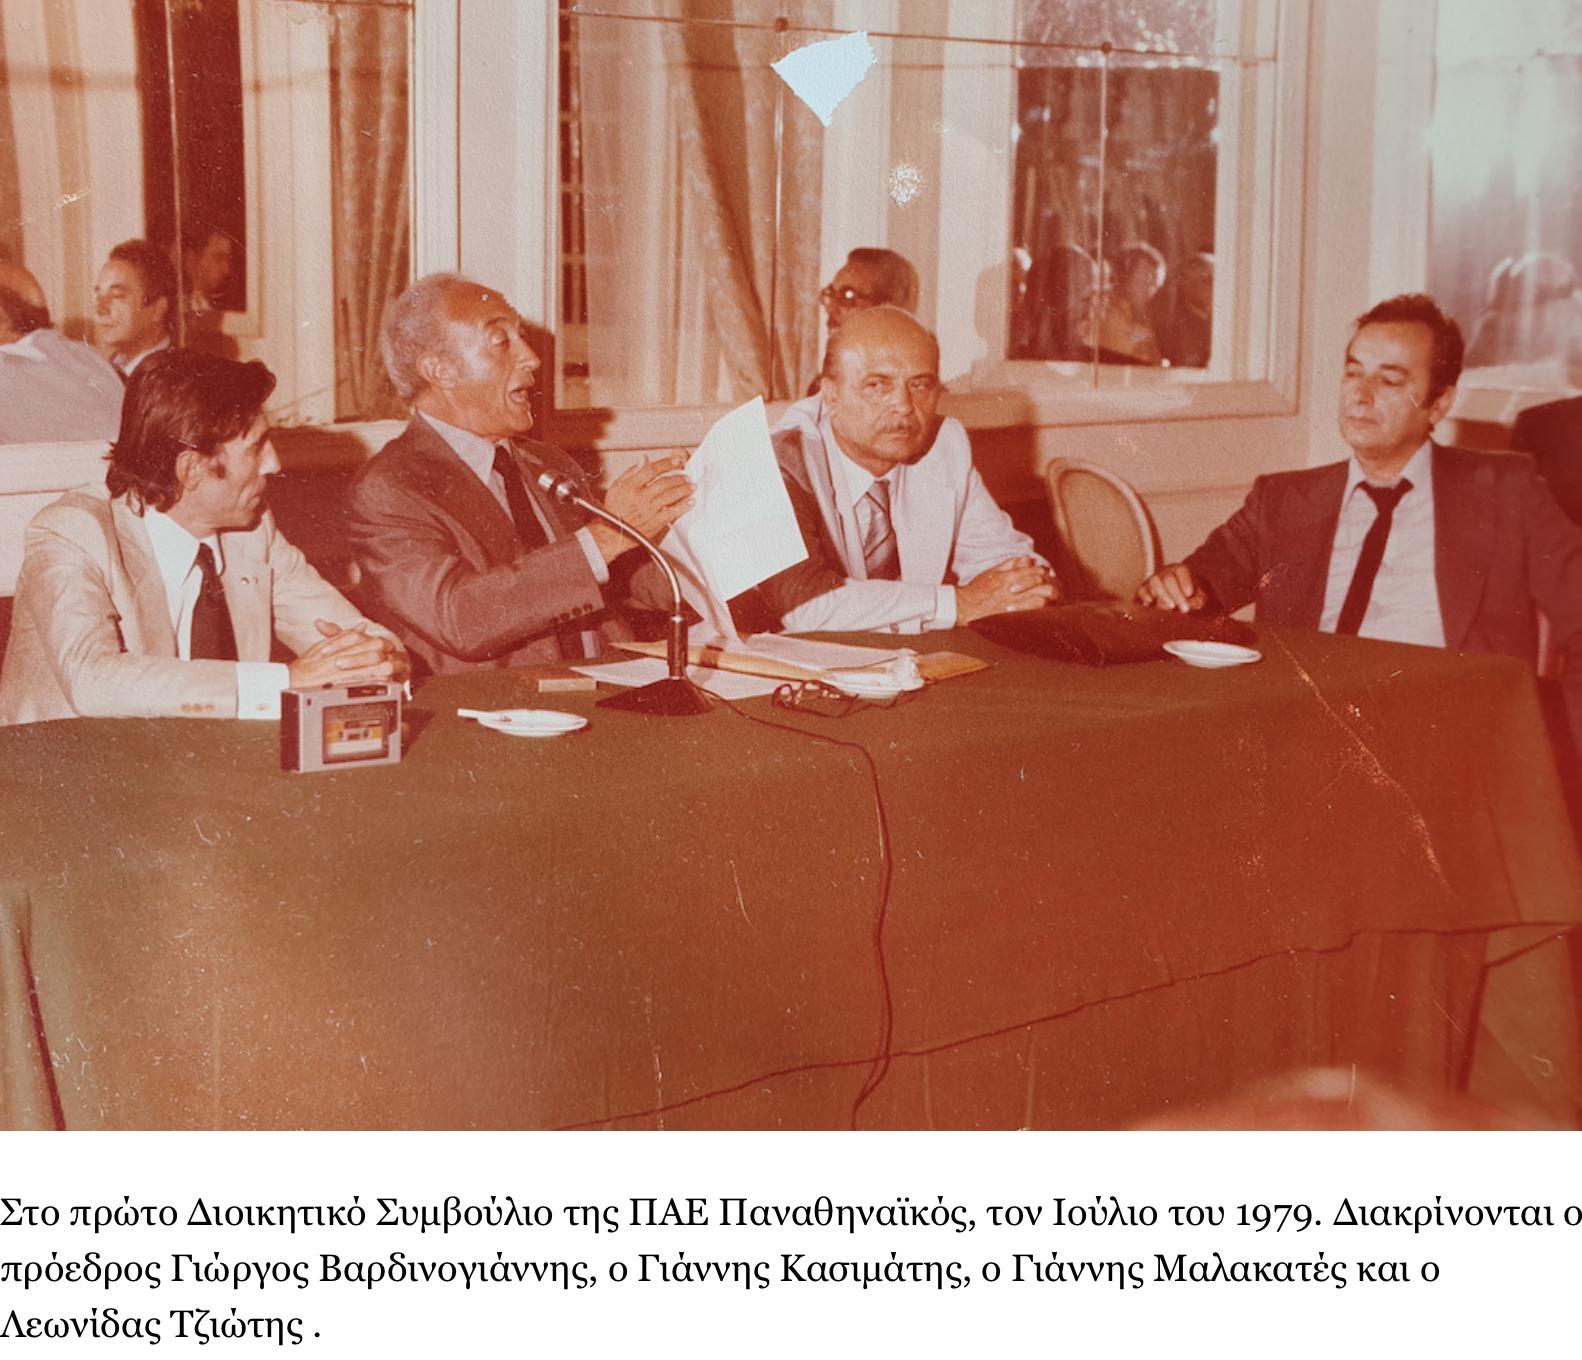 Ο Λεωνίδας Τζιώτης δεξιά, στο πρώτο ΔΣ της ΠΑΕ Παναθηναϊκός το 1979 επί διοίκησης Γ.Βαρδινογιάννη